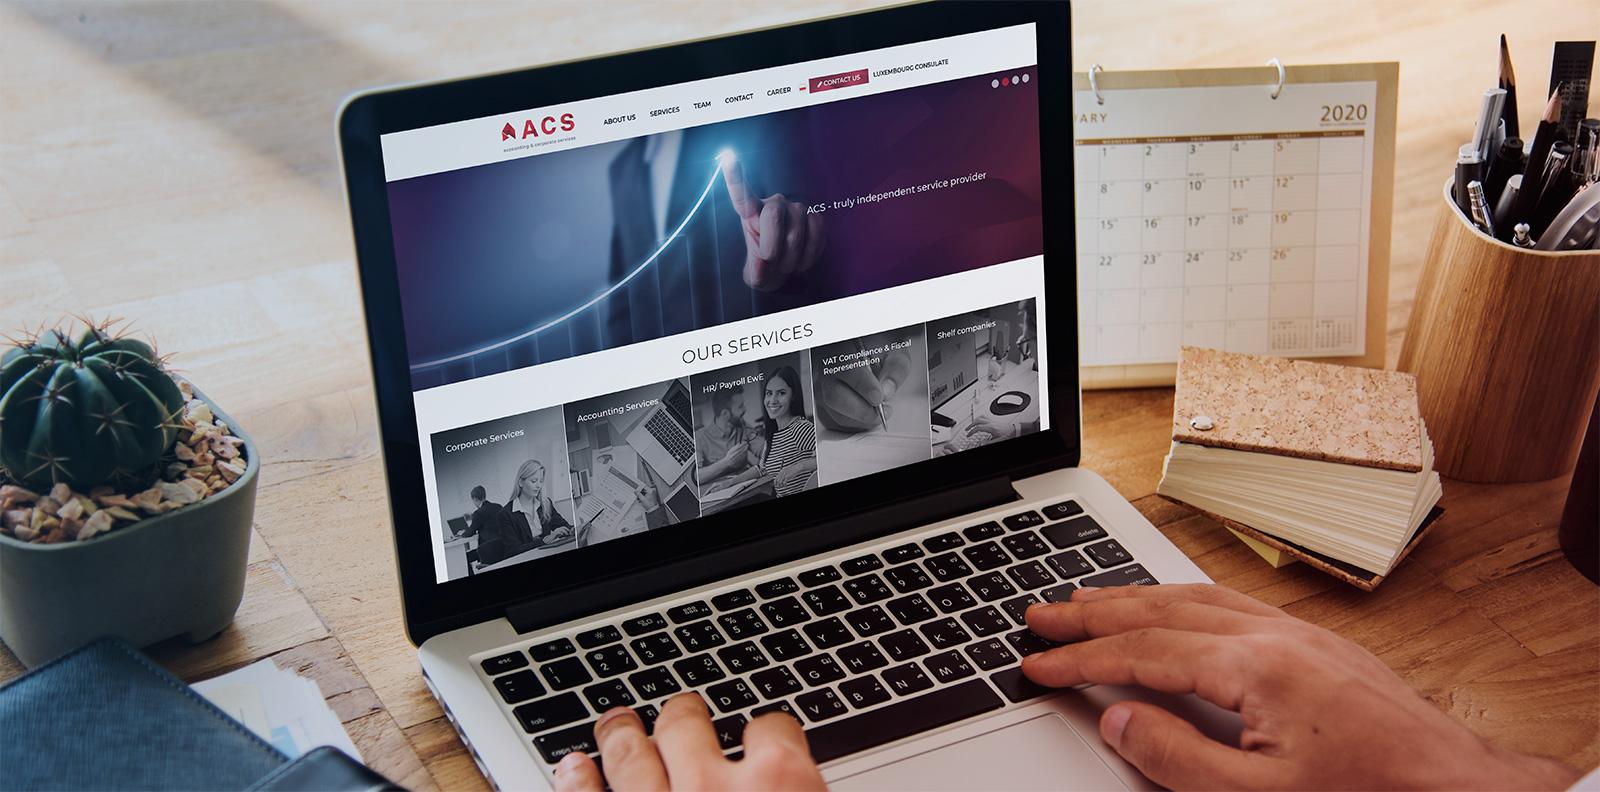 ACS / <span>Wsparcie dla biznesu</span>